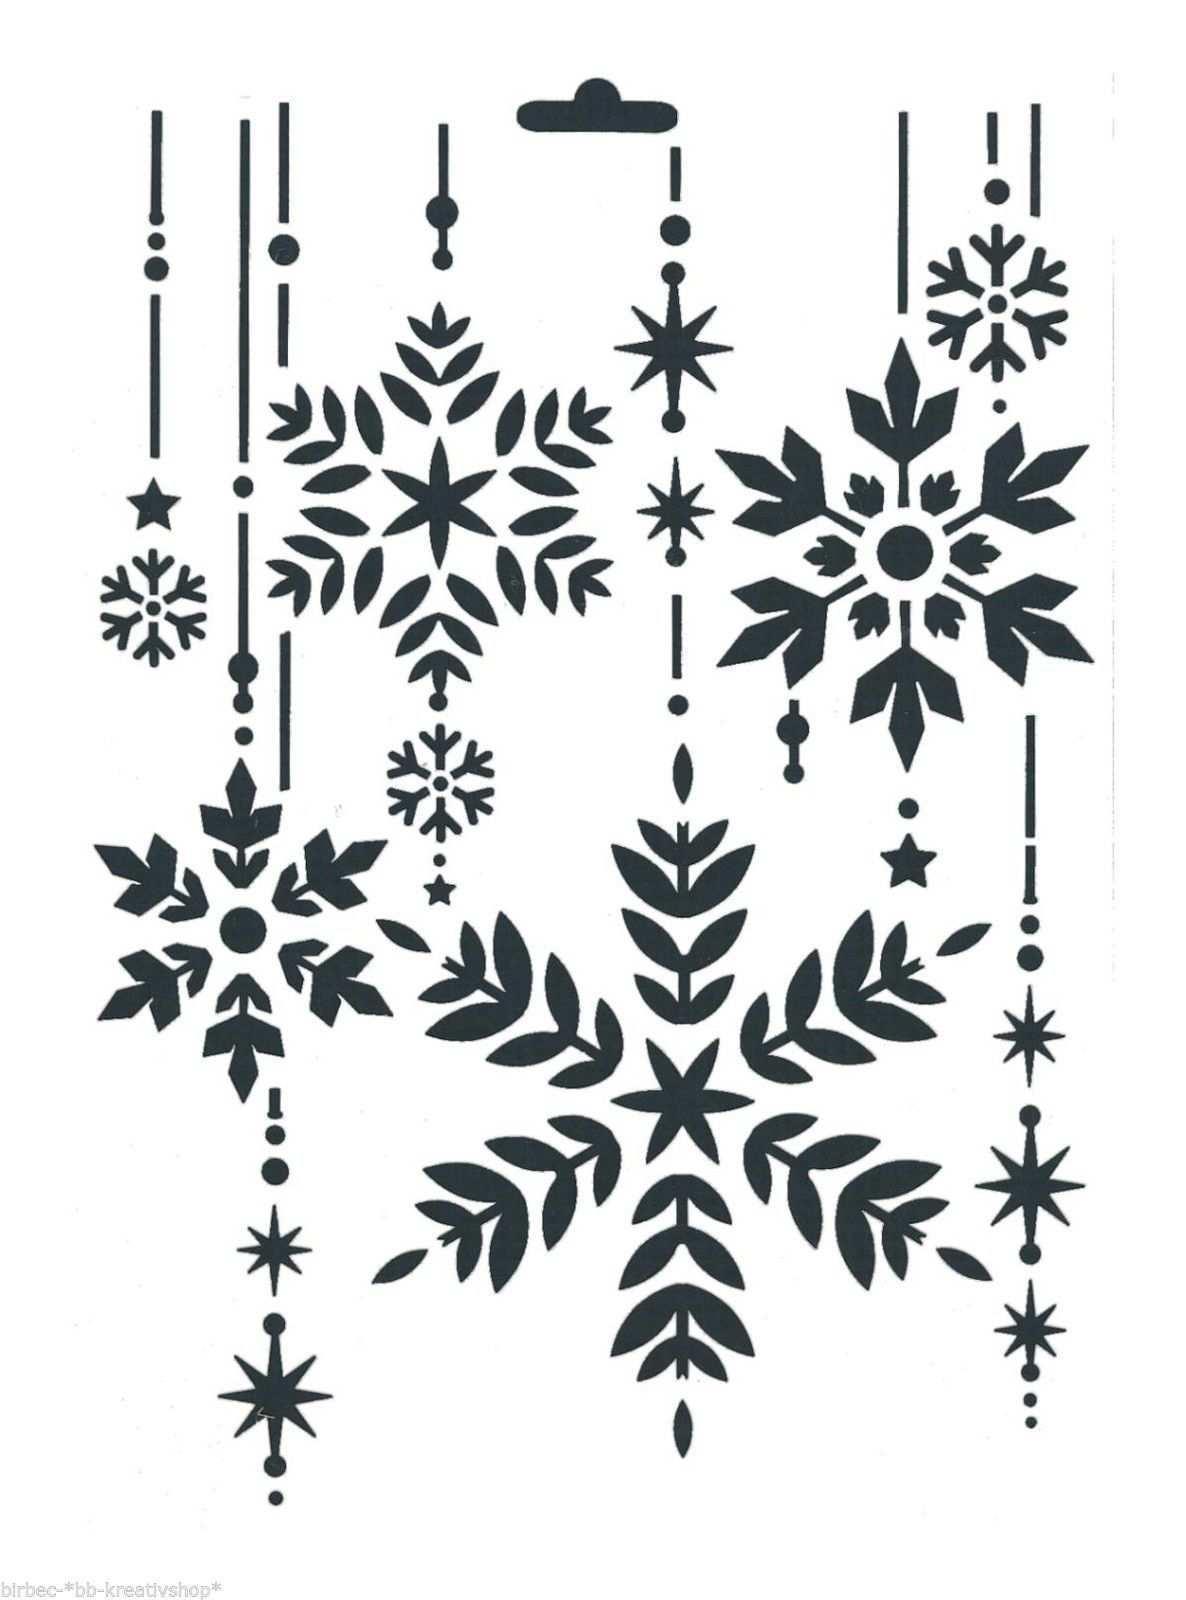 Schablone Heike Schafer Create Yr Fashion Textil Stencil Weihnachten Kristalle Schablonen Weihnachten Weihnachtsschablonen Schablonen